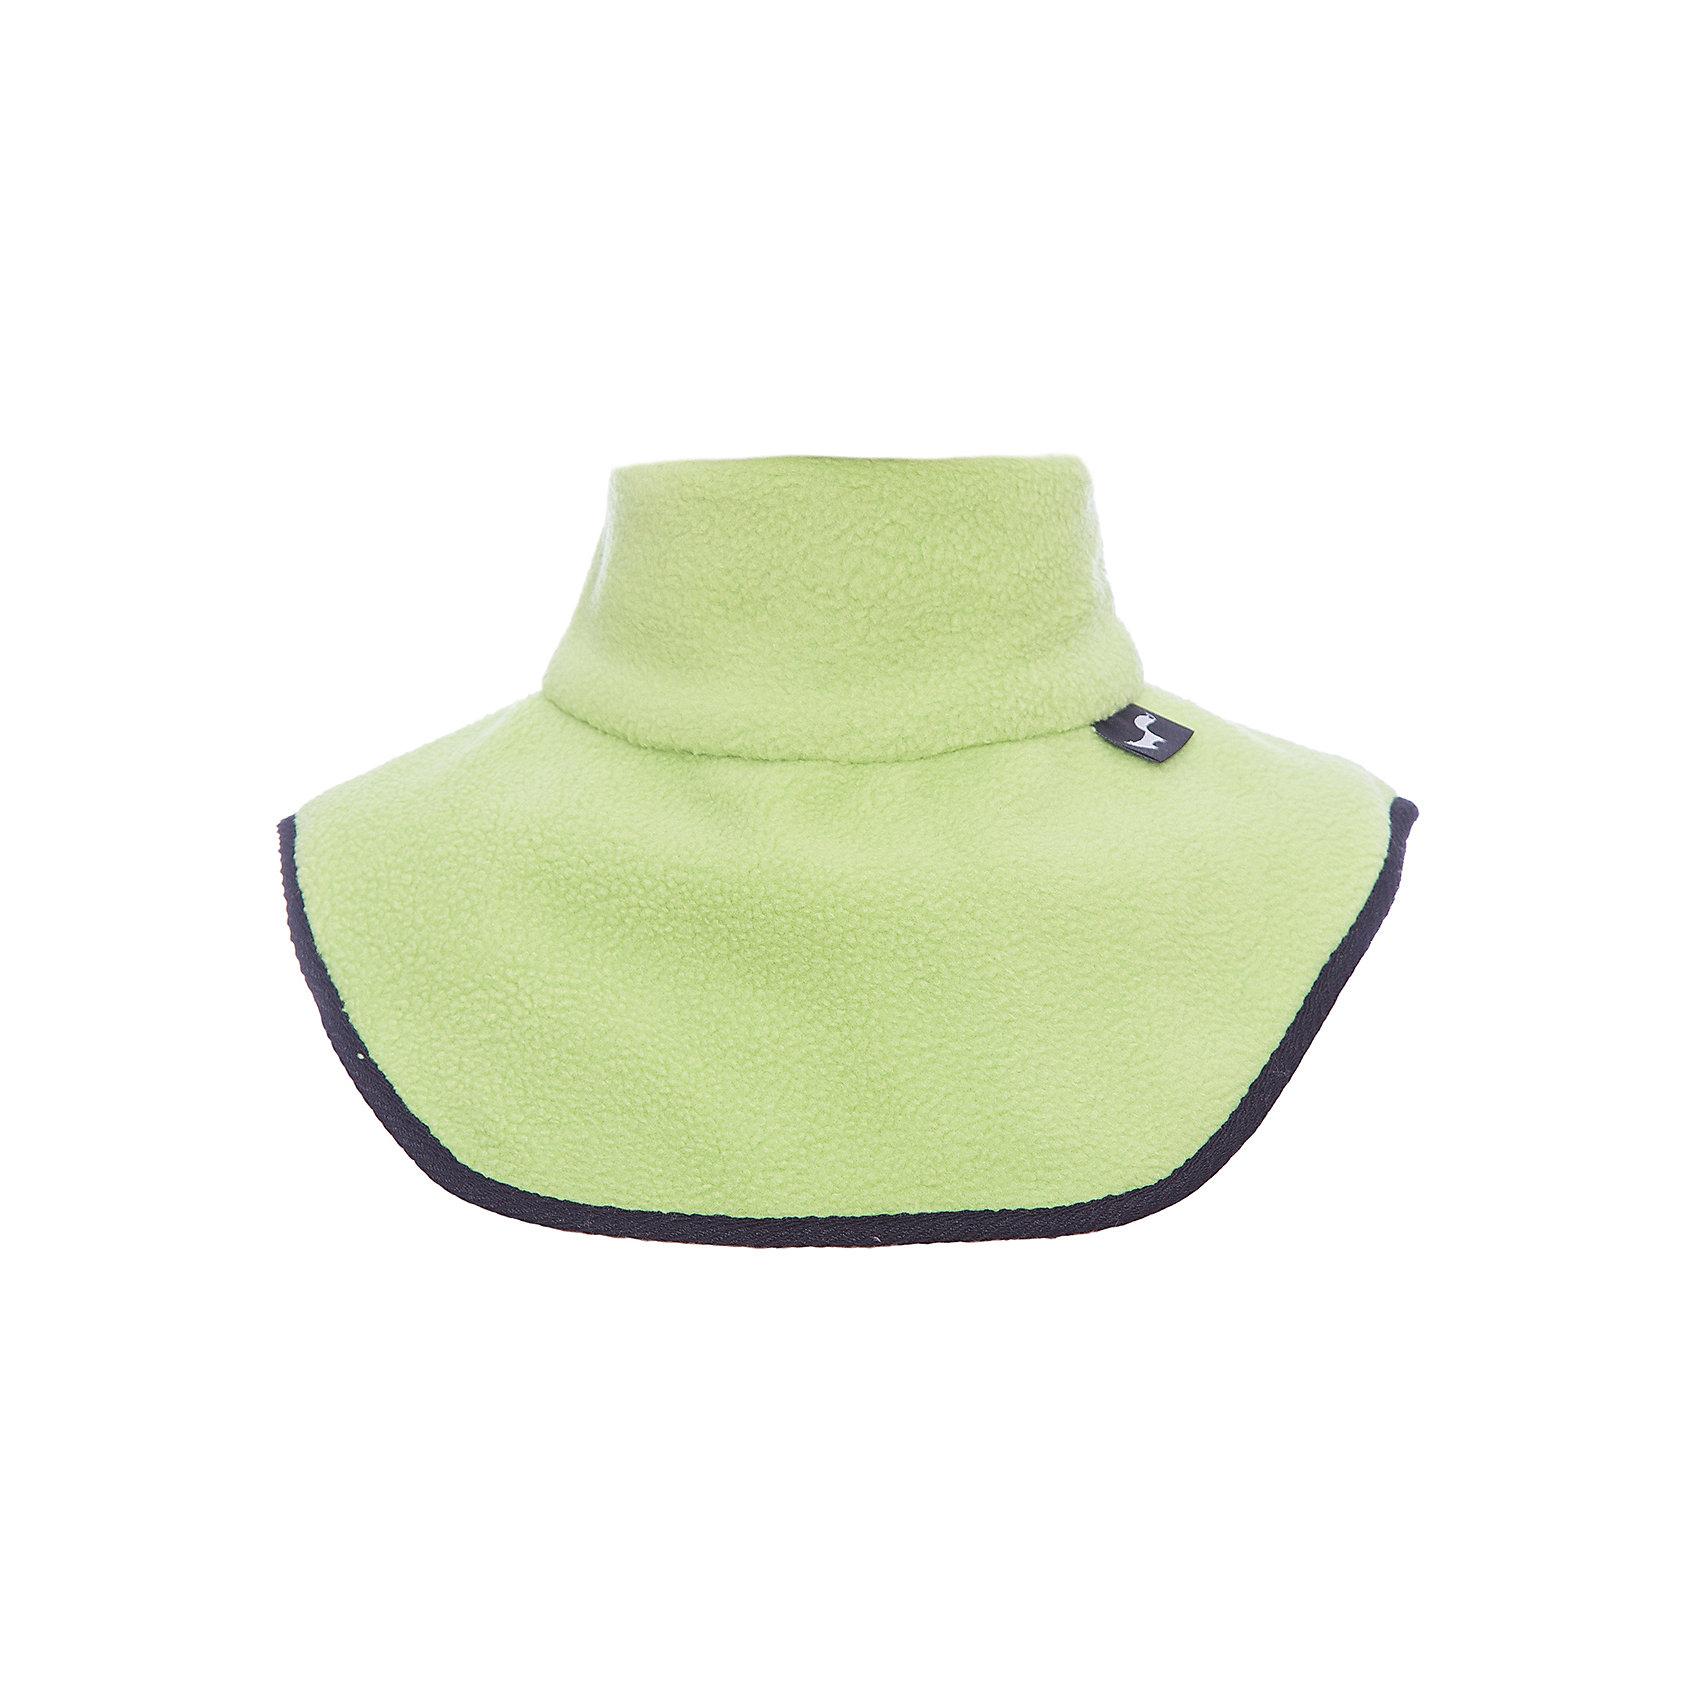 Манишка ЛисФлисШарфы, платки<br>Характеристики товара:<br><br>• цвет: зеленый;<br>• состав: 100% полиэстер, флис (280 гр);<br>• сезон: зима;<br>• особенности: флисовая, на липучке;<br>• застежка: липучка сзади изделия;<br>• контрастная полоса по низу изделия;<br>• надежно сидит на шее;<br>• страна бренда: Россия;<br>• страна производства: Россия.<br><br>Манишка — это удобный аксессуар, который остается на шее, как бы ребенок не двигался. Манишка застегивается на липучку сзади, выполнена из флиса 280 гр.<br><br>Манишку ЛисФлис можно купить в нашем интернет-магазине.<br><br>Ширина мм: 88<br>Глубина мм: 155<br>Высота мм: 26<br>Вес г: 106<br>Цвет: зеленый<br>Возраст от месяцев: 60<br>Возраст до месяцев: 132<br>Пол: Унисекс<br>Возраст: Детский<br>Размер: one size<br>SKU: 7052839